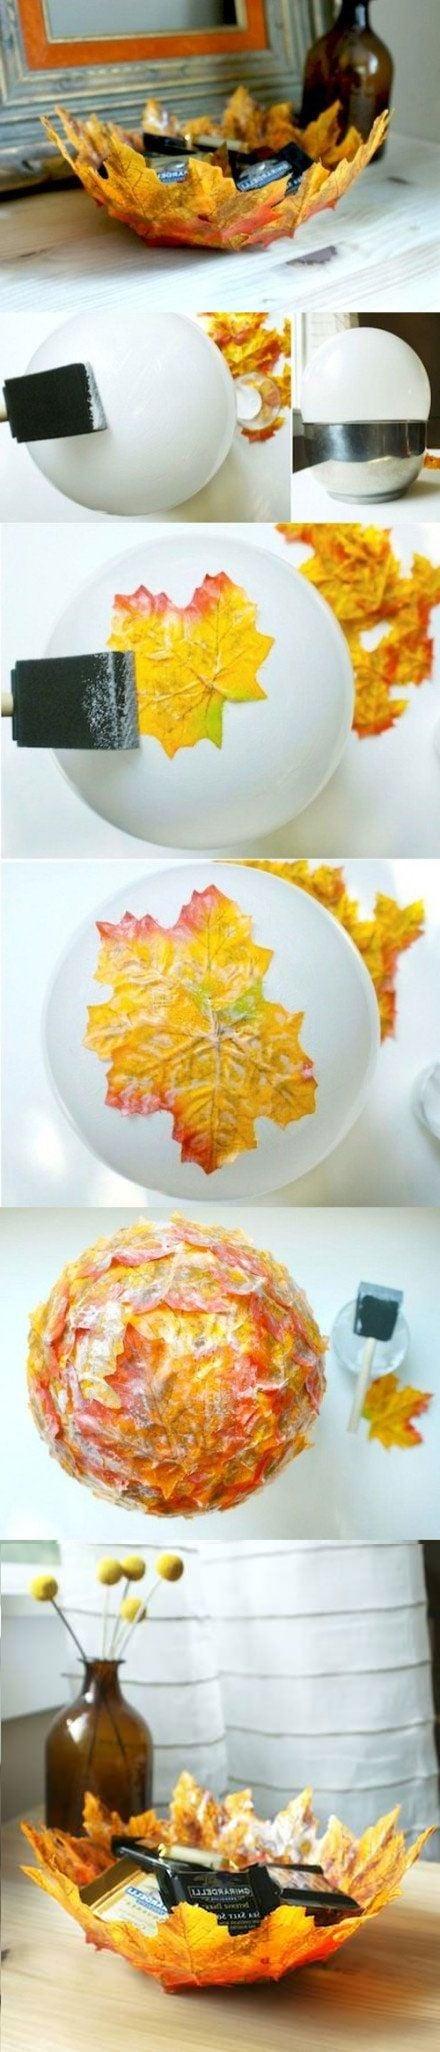 Tischdeko Herbst - Herbstblätter basteln